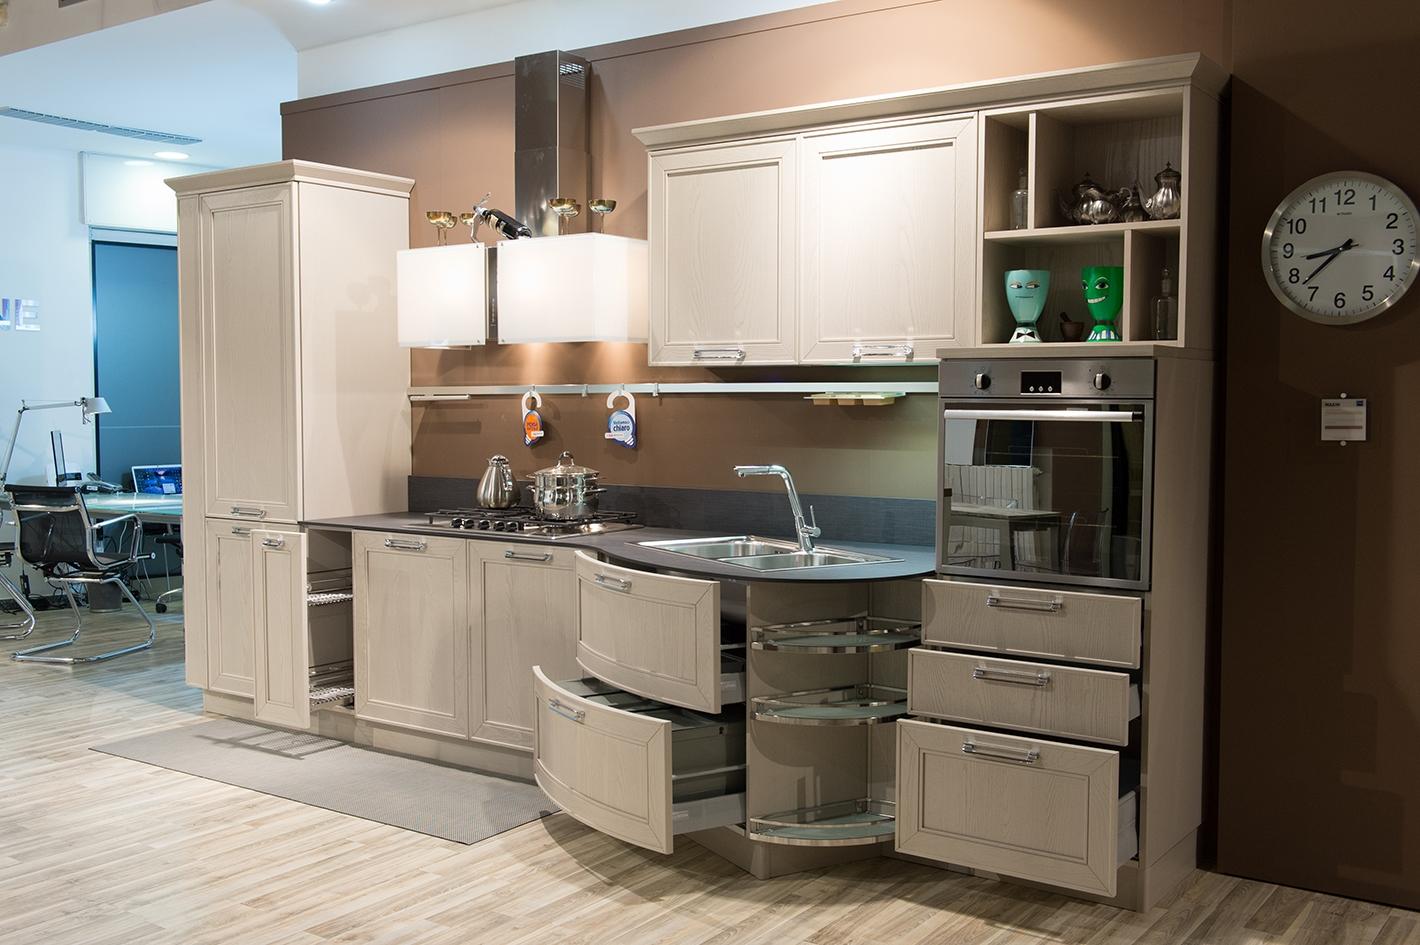 Cucina Stosa Mod. Maxim Completa Di Elettrodomestici 20232 Cucine A  #40708B 1420 945 Cucine Veneta O Stosa